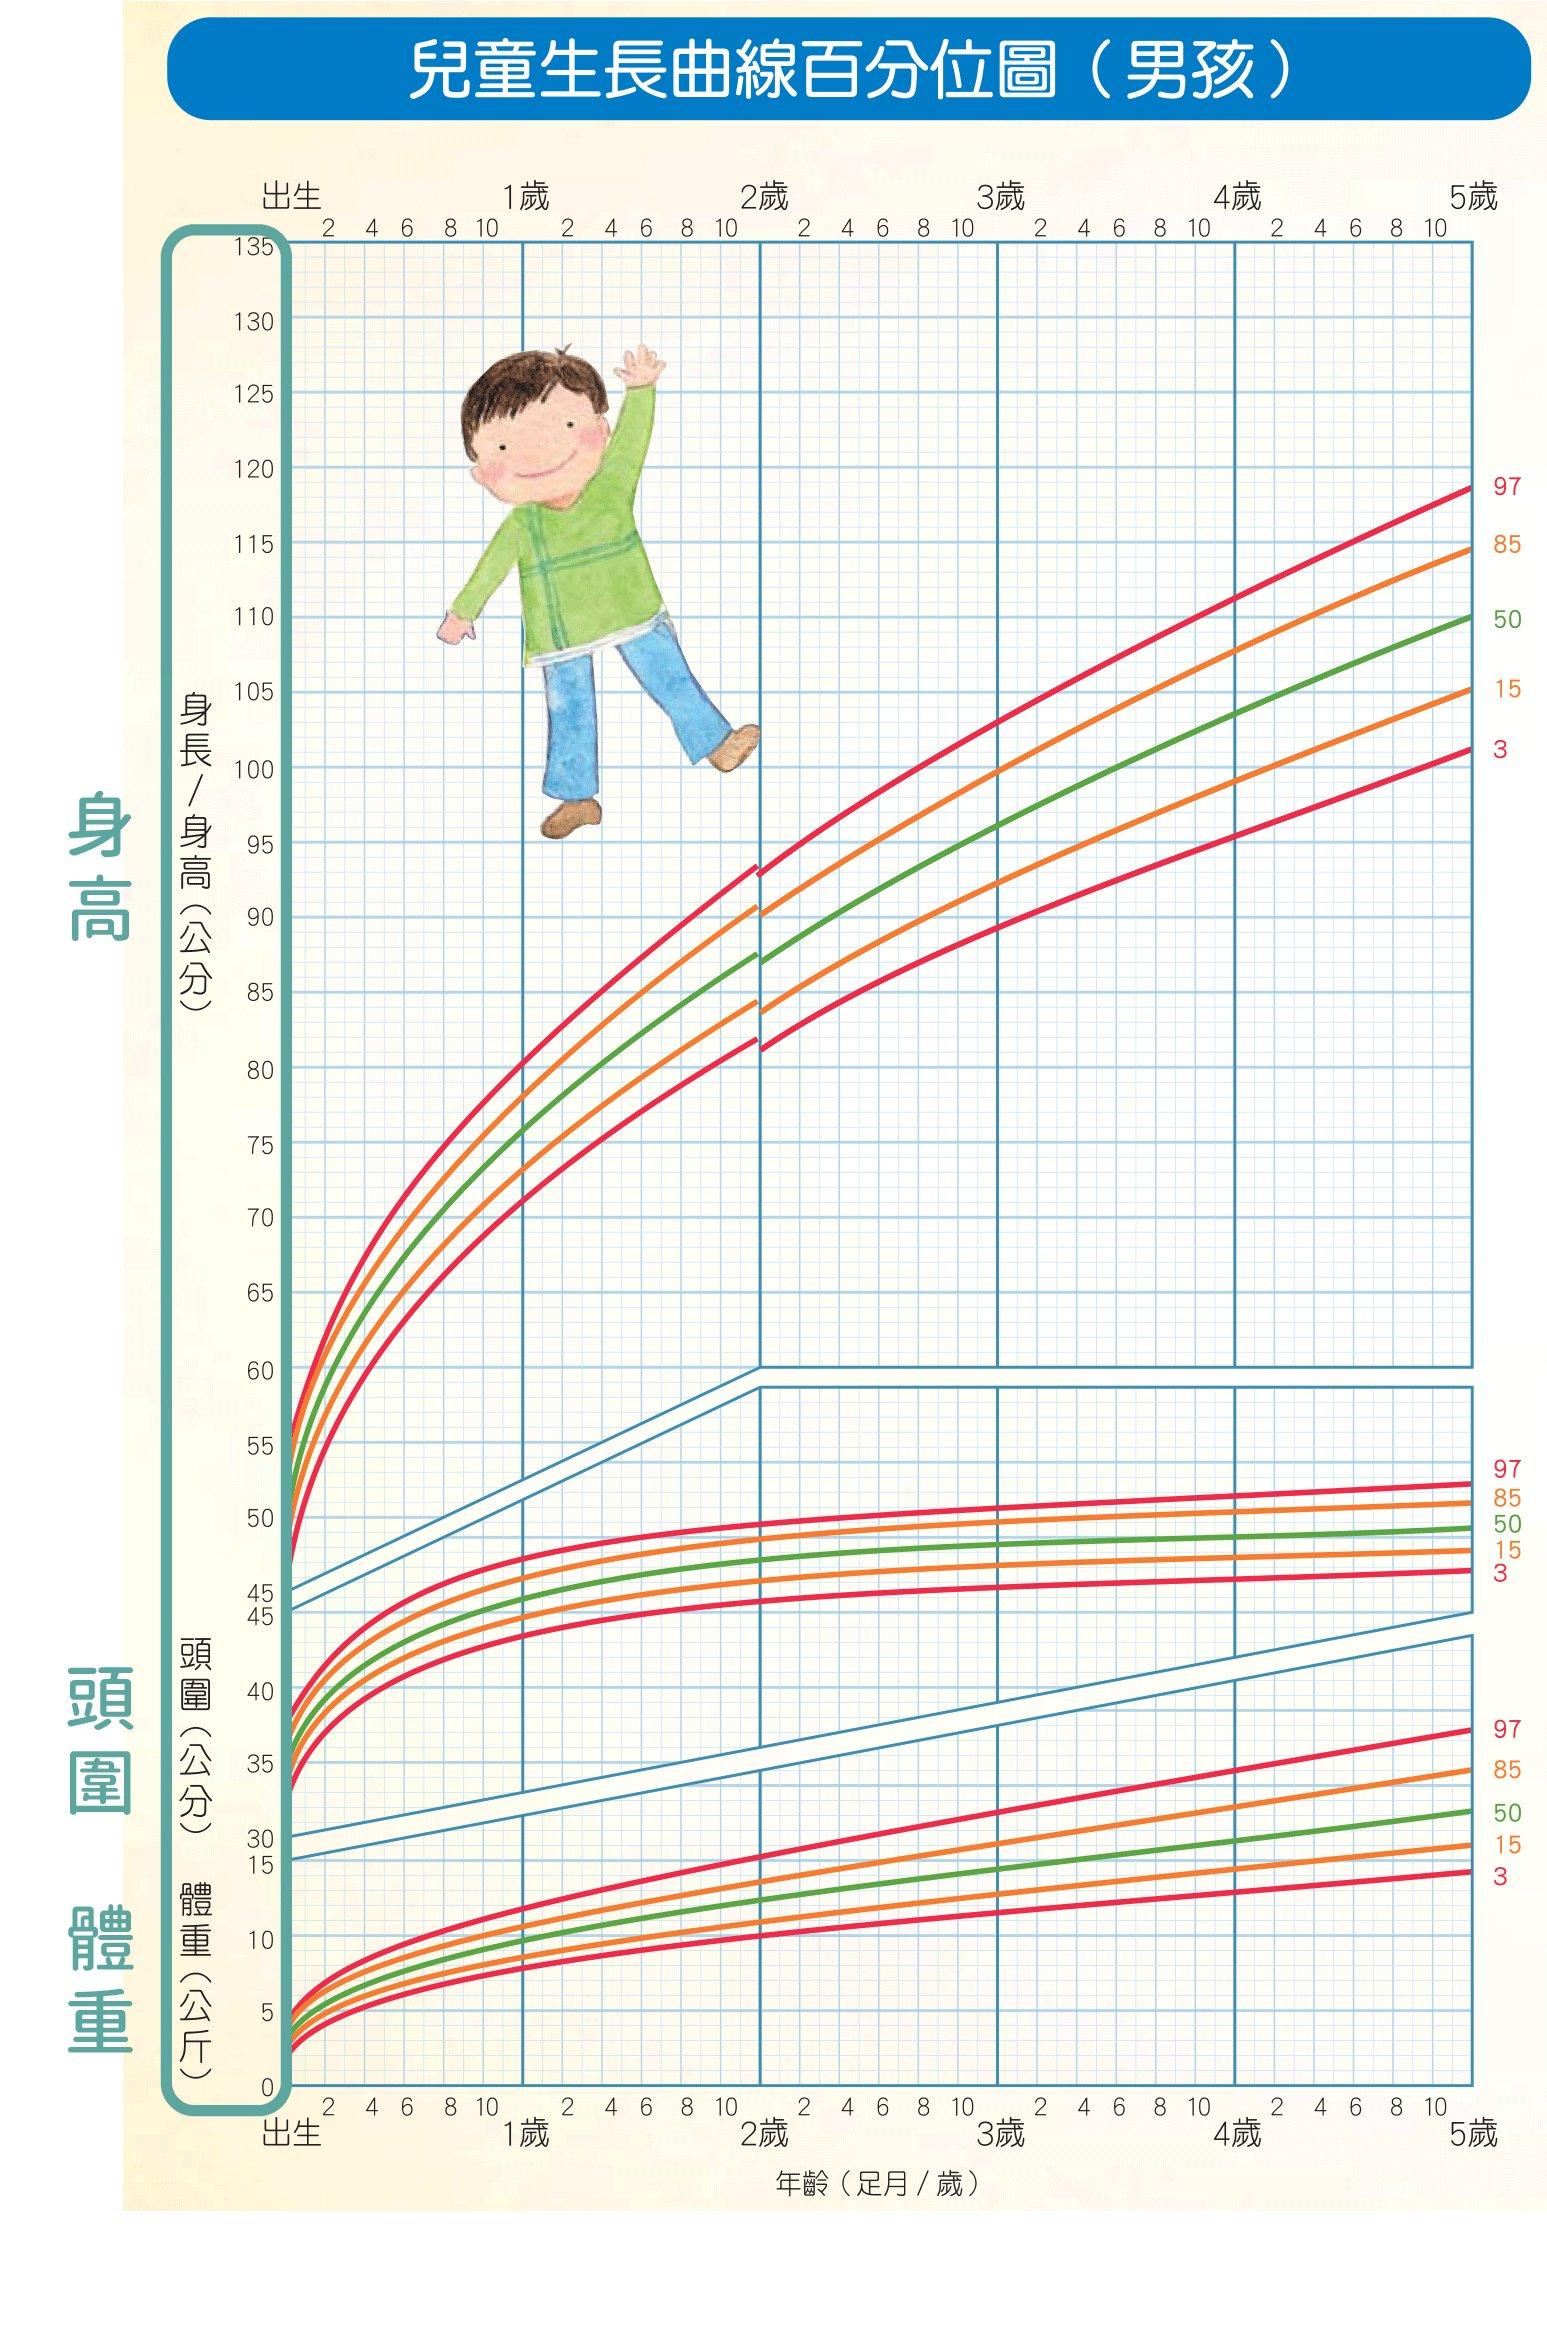 兒童生長曲線縱軸